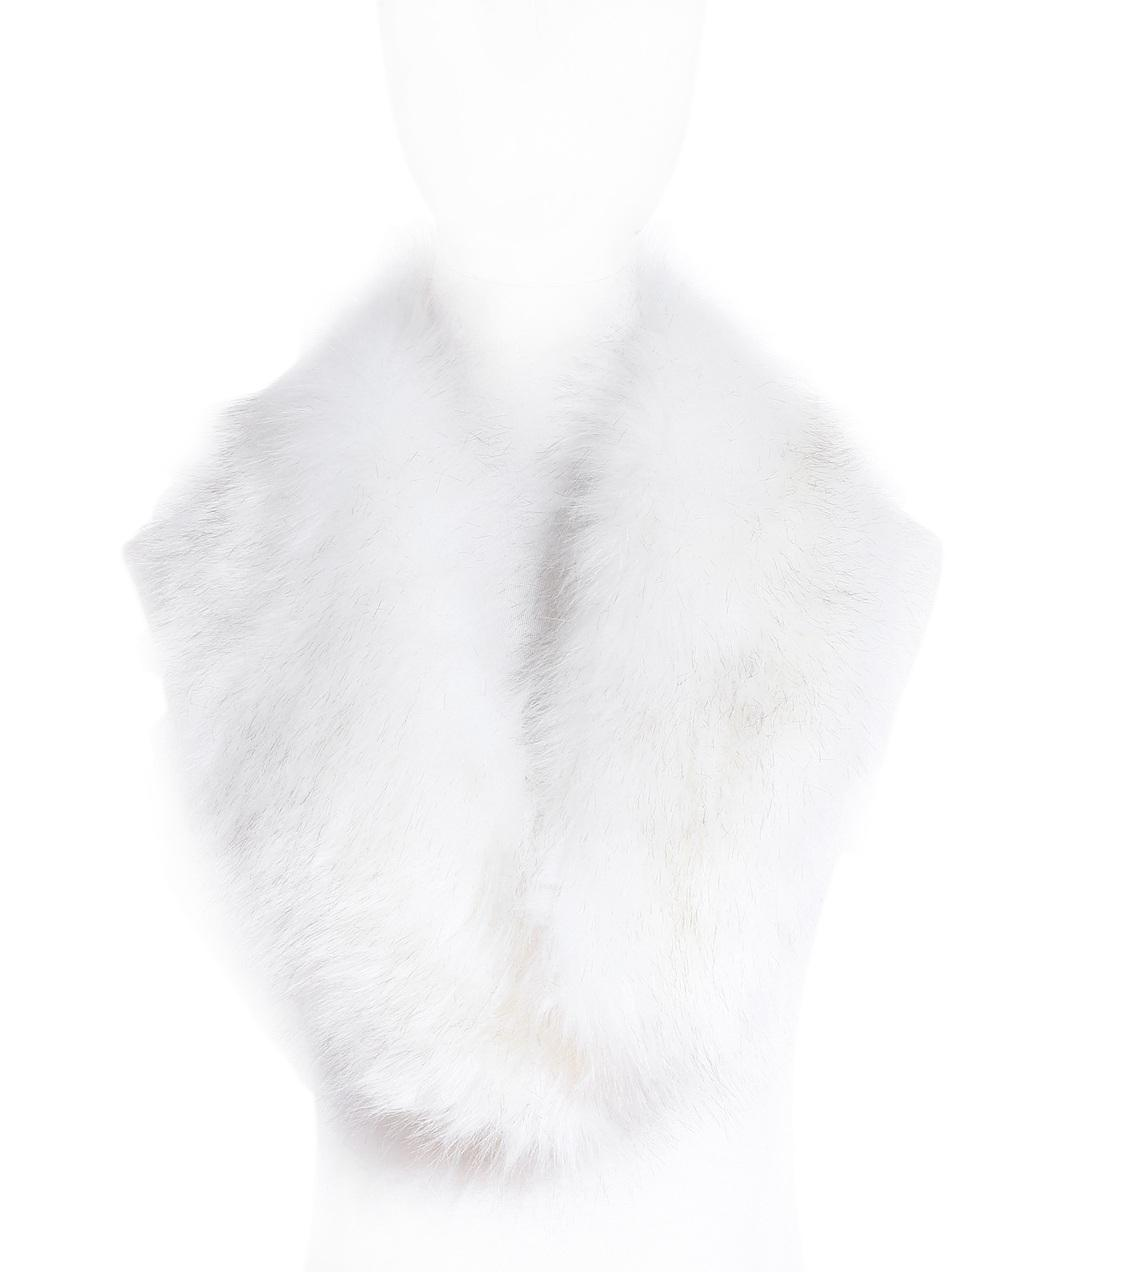 7 Farben Frauen Faux Pelz Schal Winter warm Schwarz Weiß Natur Mädchen Kragen Wrap Halswärmer Schals